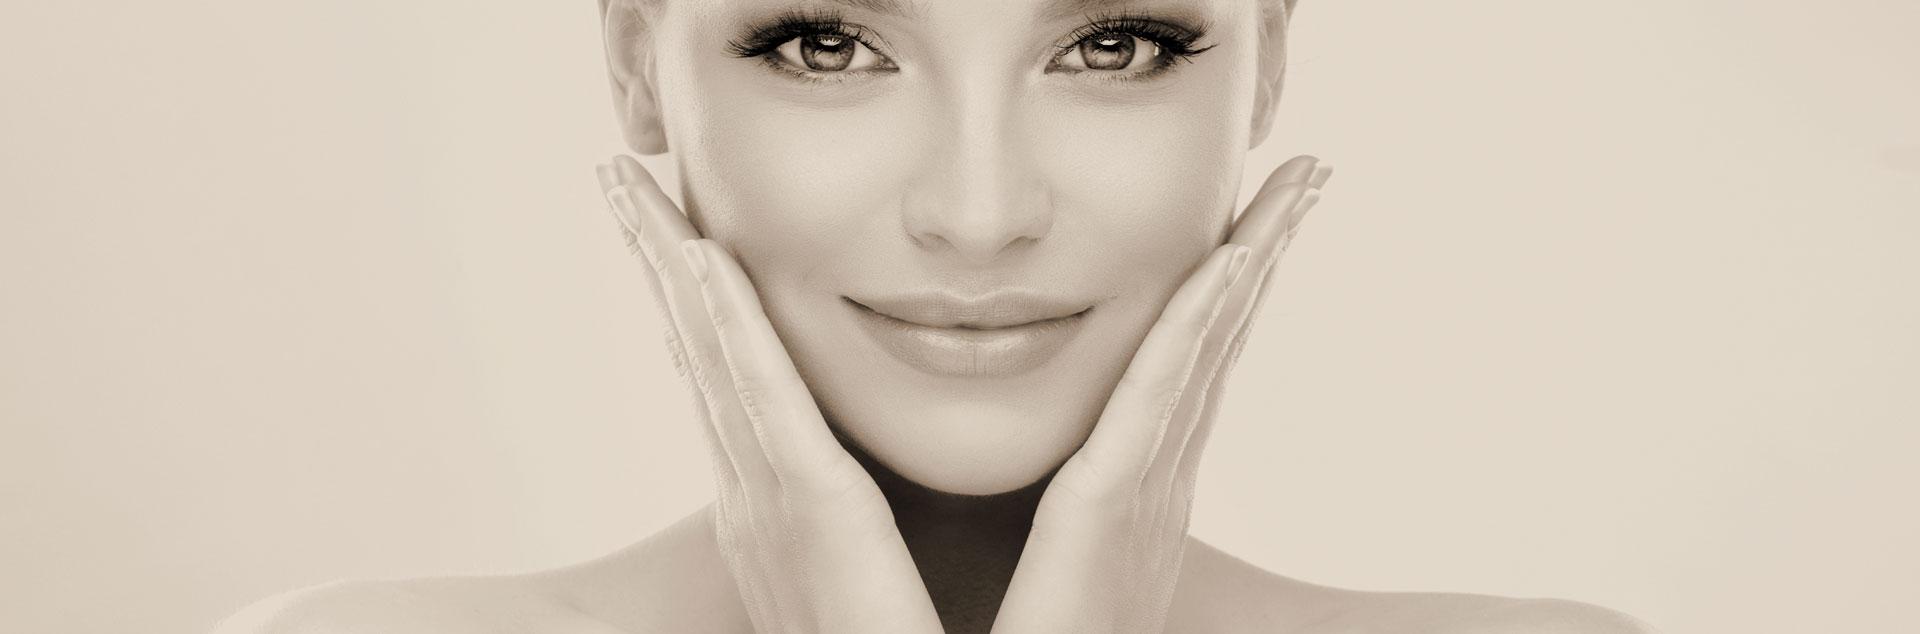 Doctor Charme, gli esperti nel ringiovanimento facciale